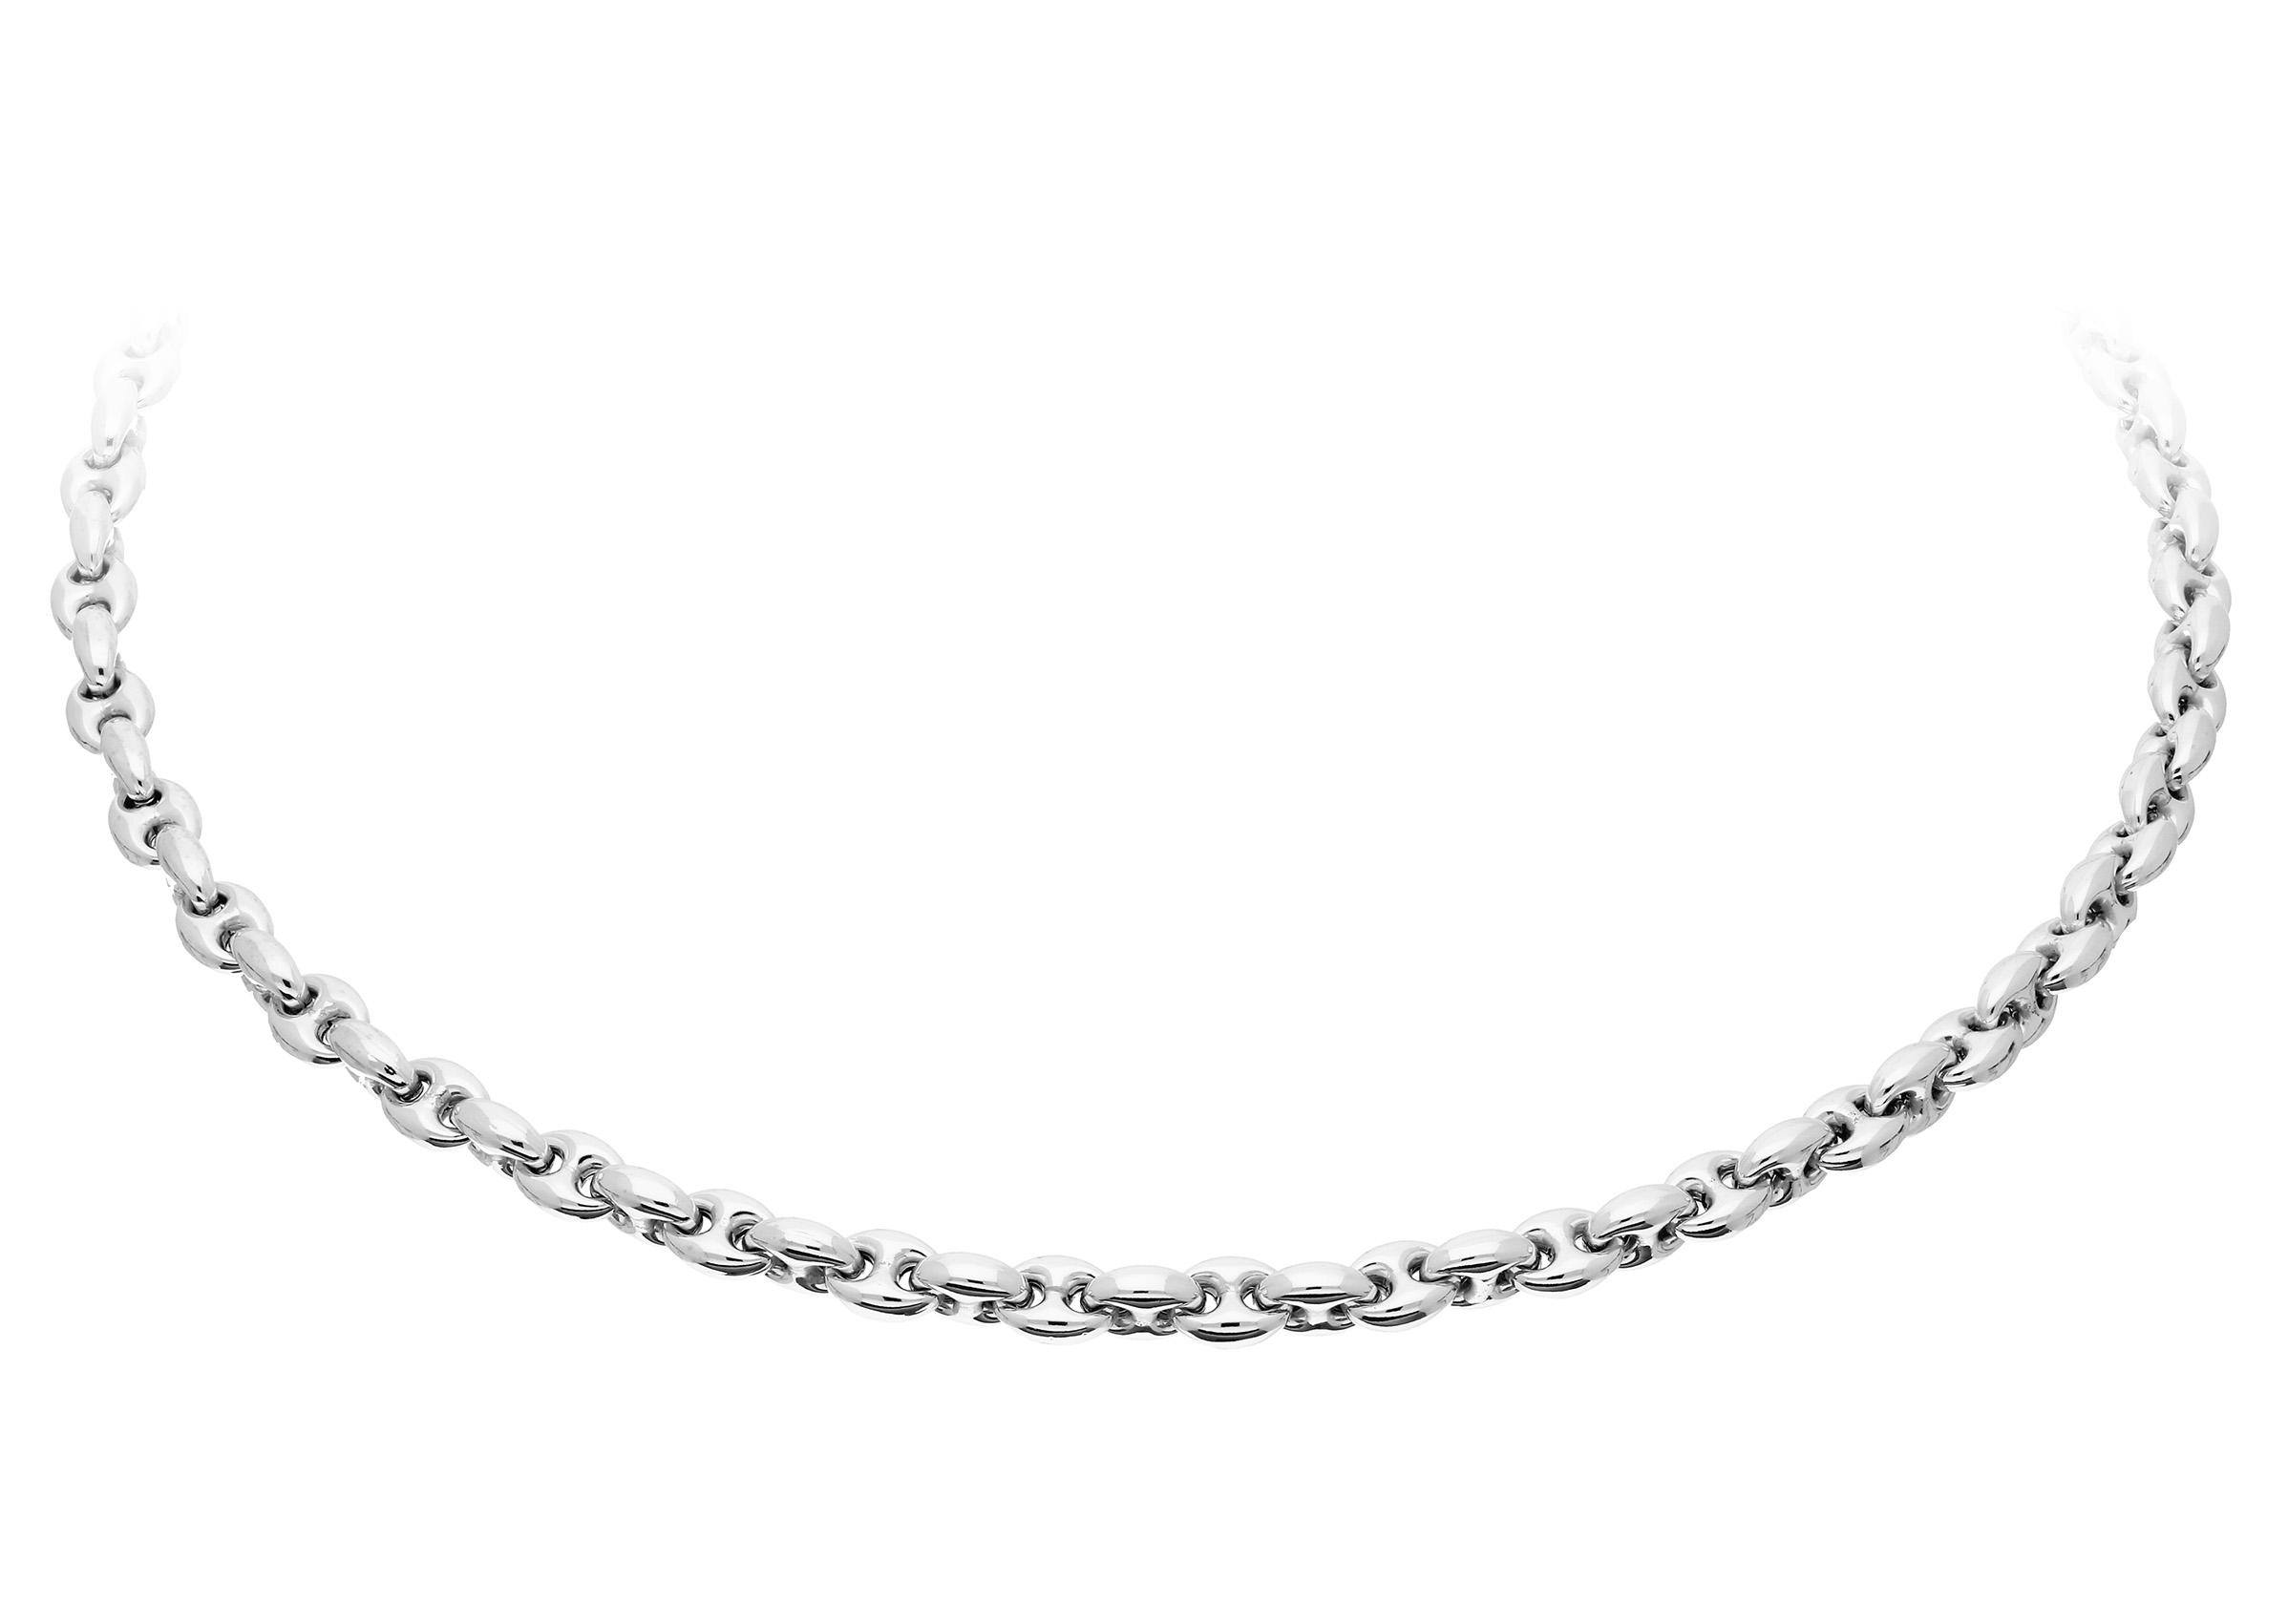 Elegance Zilveren gerodineerd Schakelcollier 45 cm 'Koffieboon' 102.4032.45